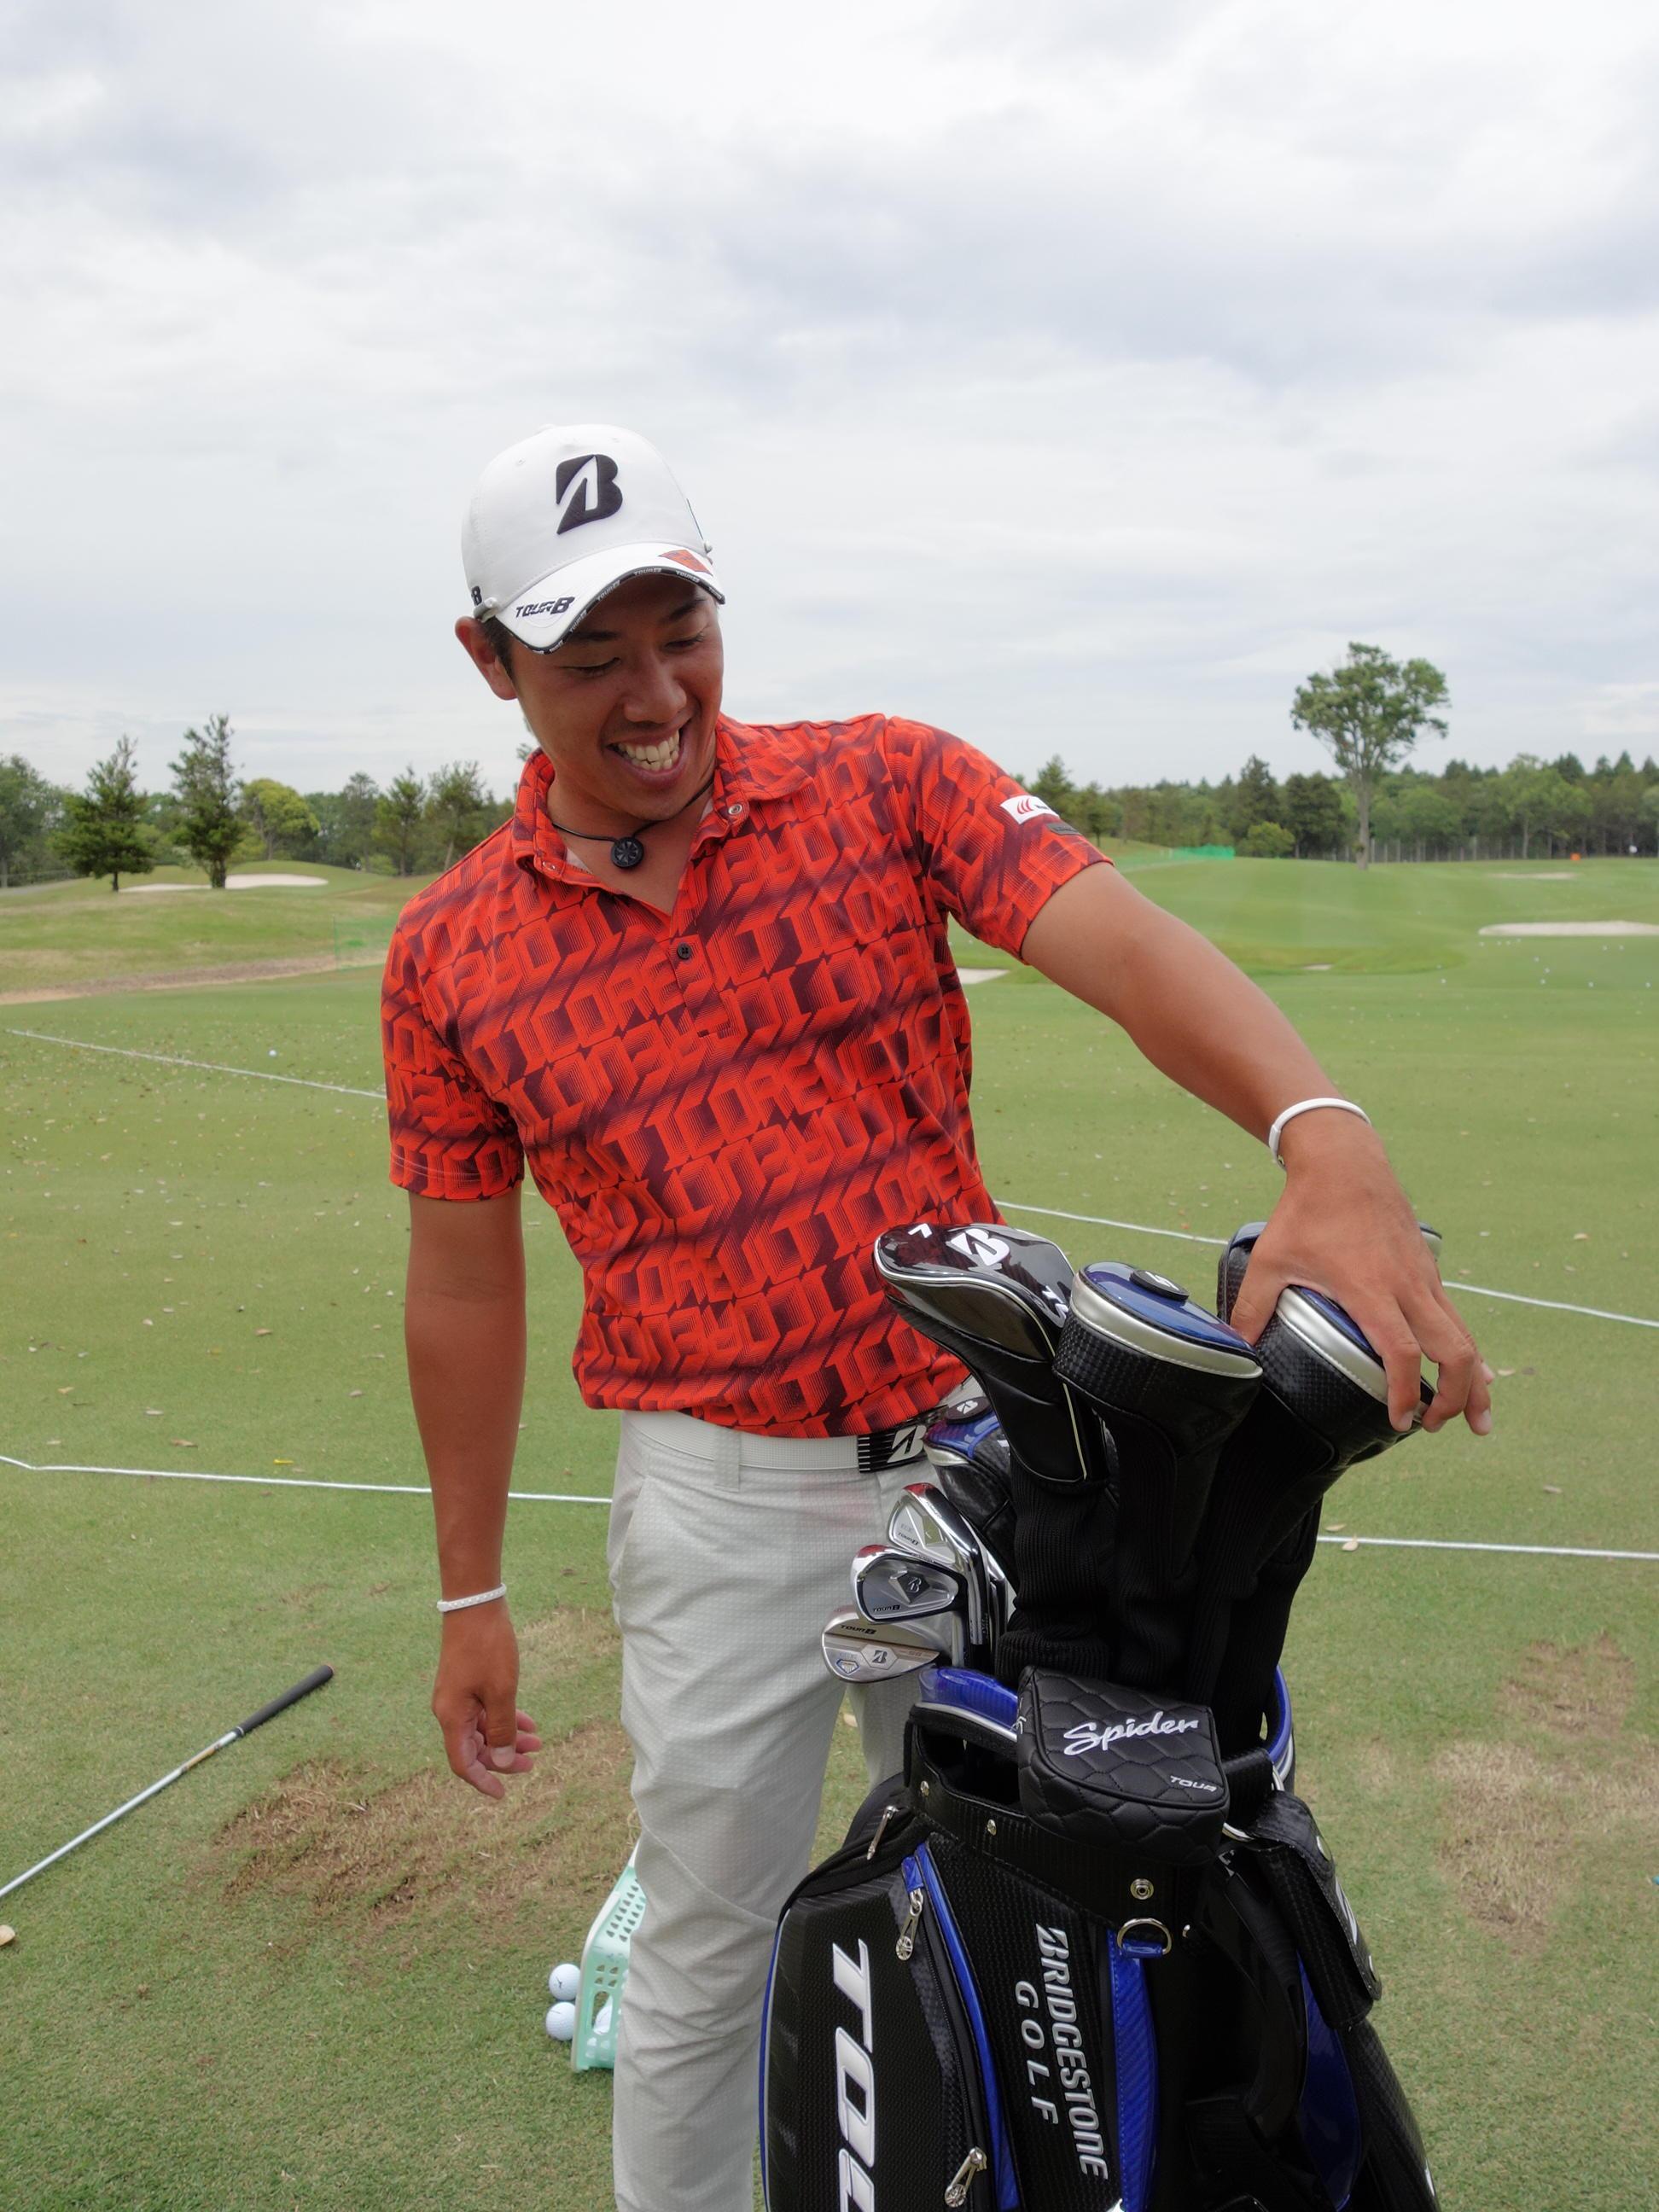 https://www.bs-golf.com/pro/669e57e40c57b9bae0165acb670bf2ee7e0f102e.JPG